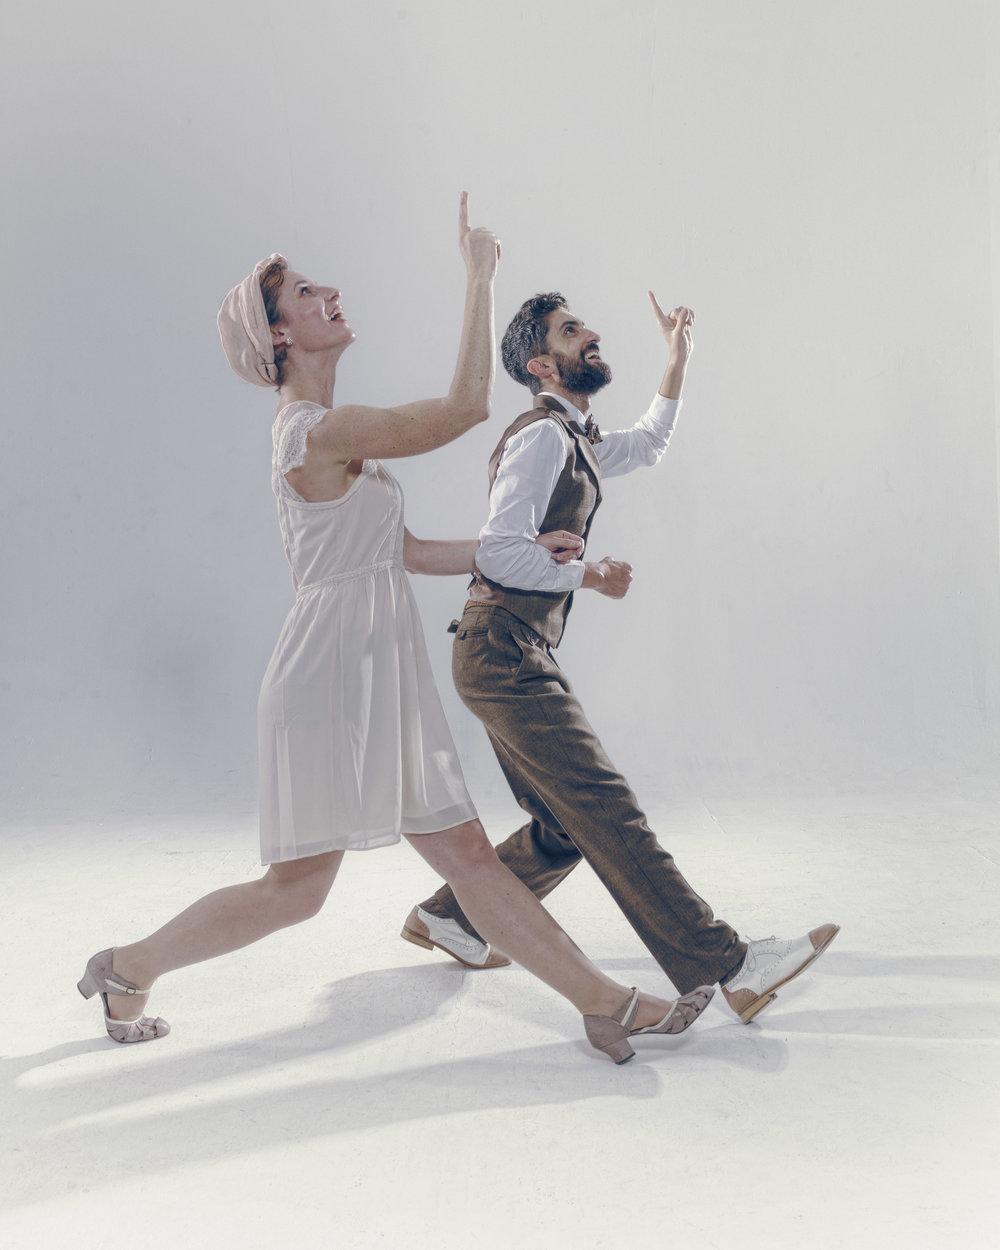 Le Lindy Hop est LA danse tendance dans l'évènementiel ces dernières années : rétro, vintage, élégance, spectaculaire… Beaucoup d'adjectifs pourraient qualifier cette danse, dont Brotherswing s'est fait la spécialité. -